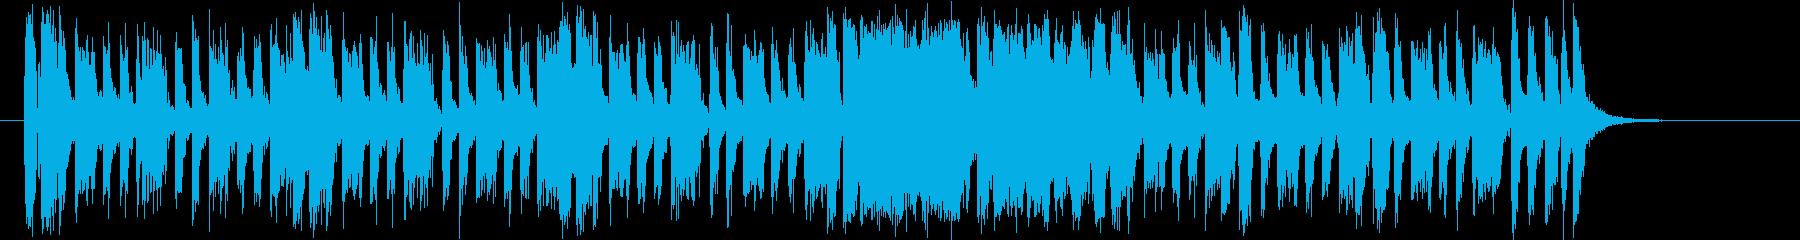 明るいピアノのロックバンドのジングルの再生済みの波形